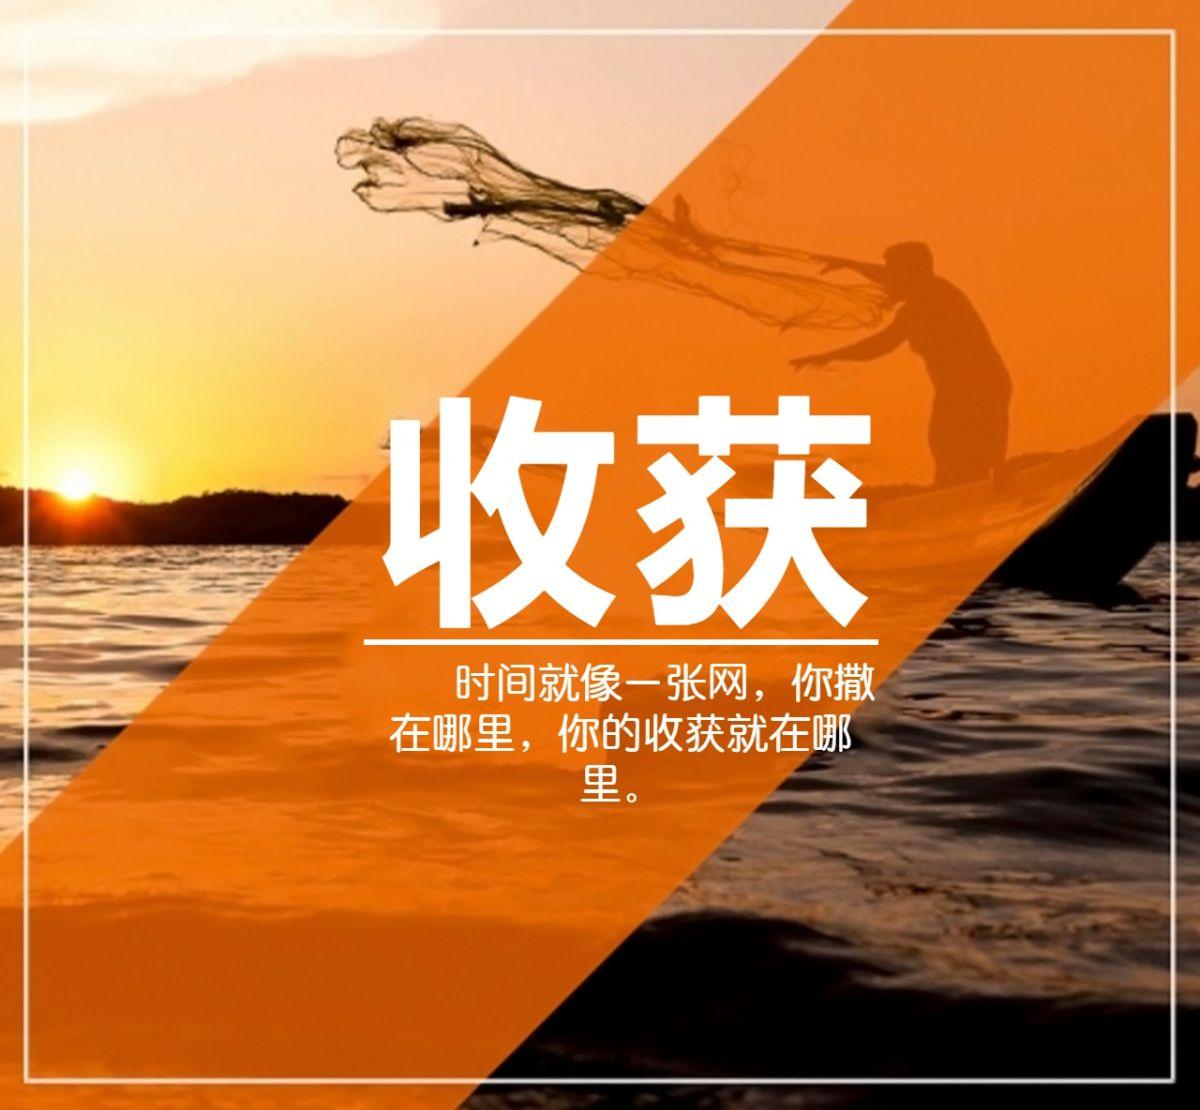 简约微信朋友圈励志封面配图